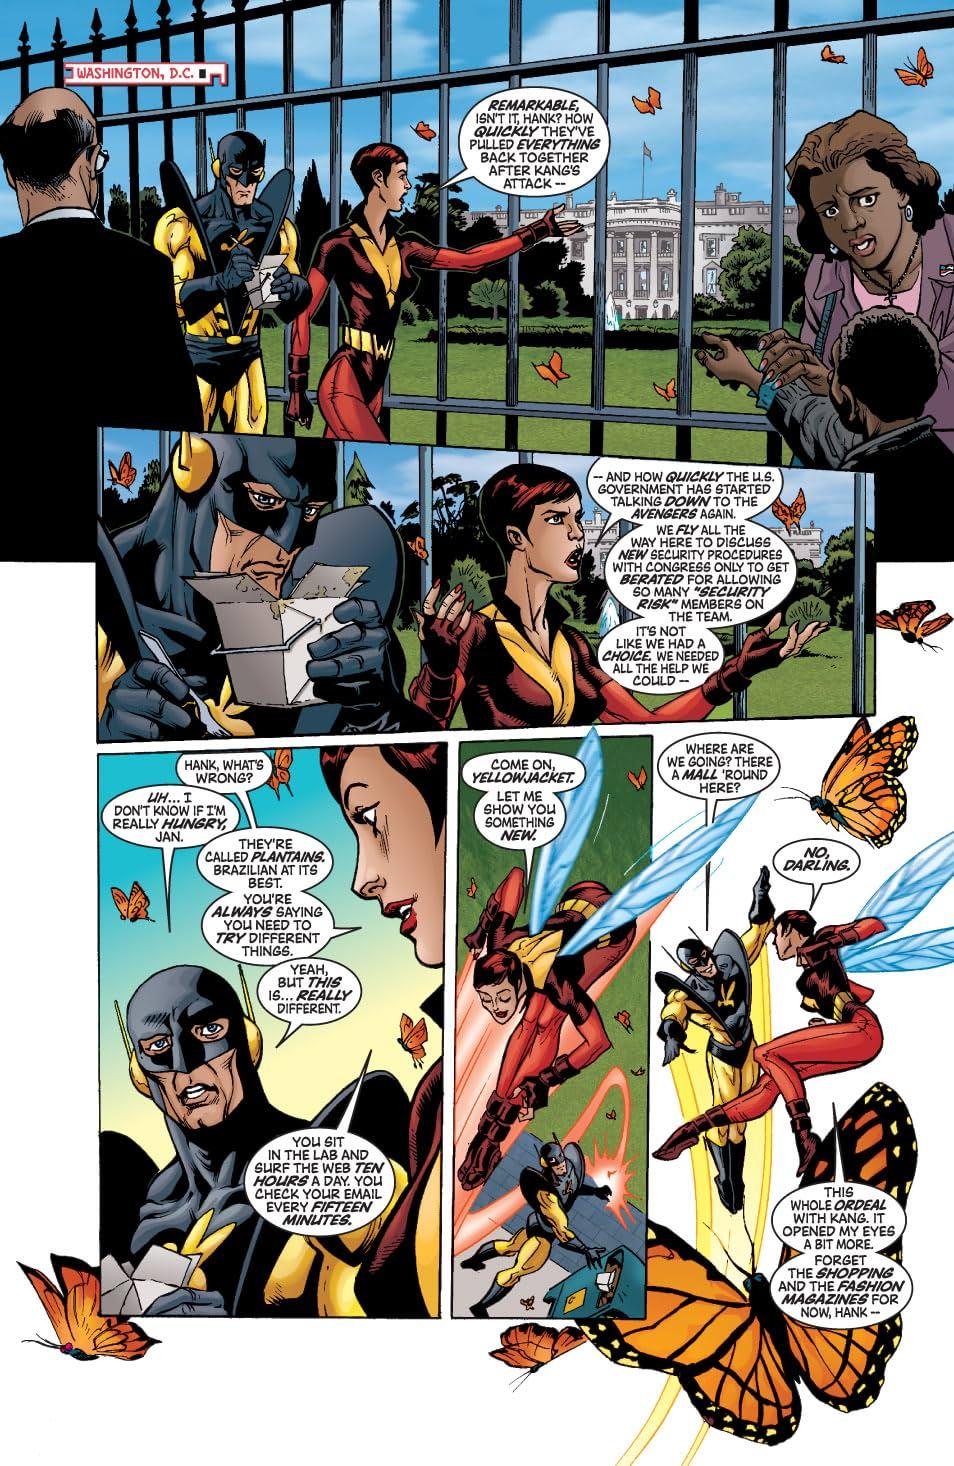 Avengers: World Trust